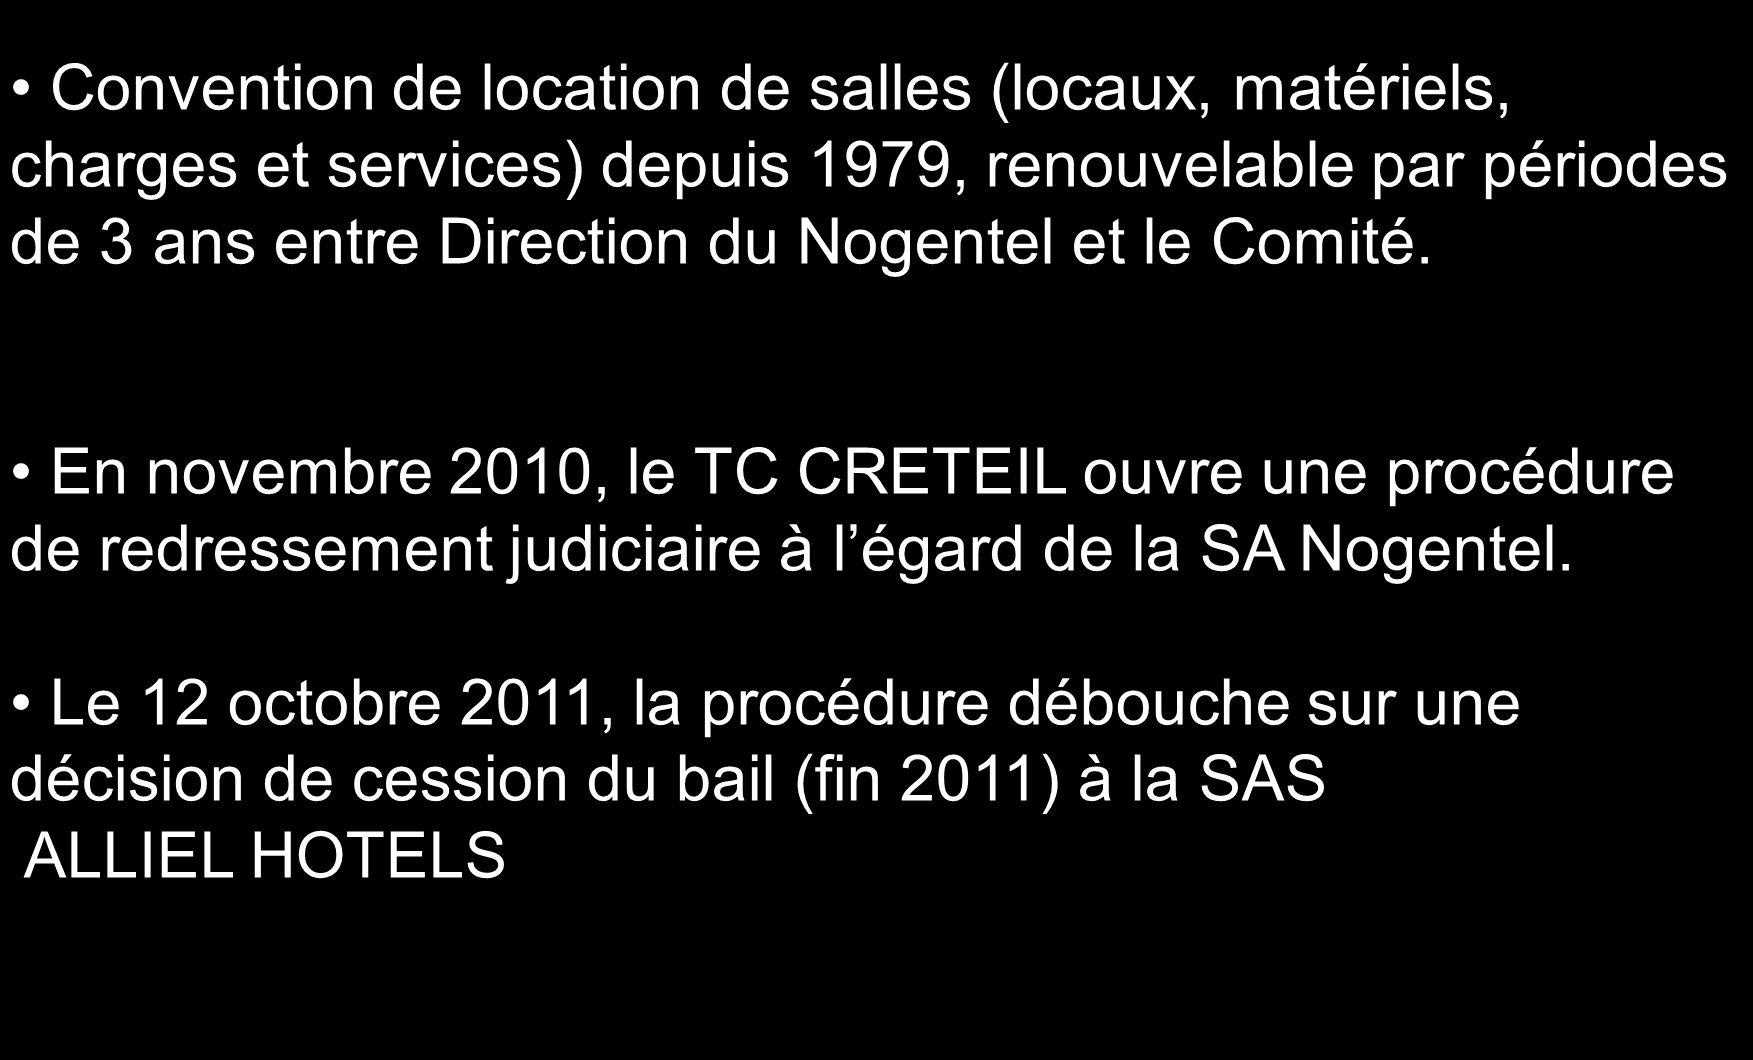 Convention de location de salles (locaux, matériels, charges et services) depuis 1979, renouvelable par périodes de 3 ans entre Direction du Nogentel